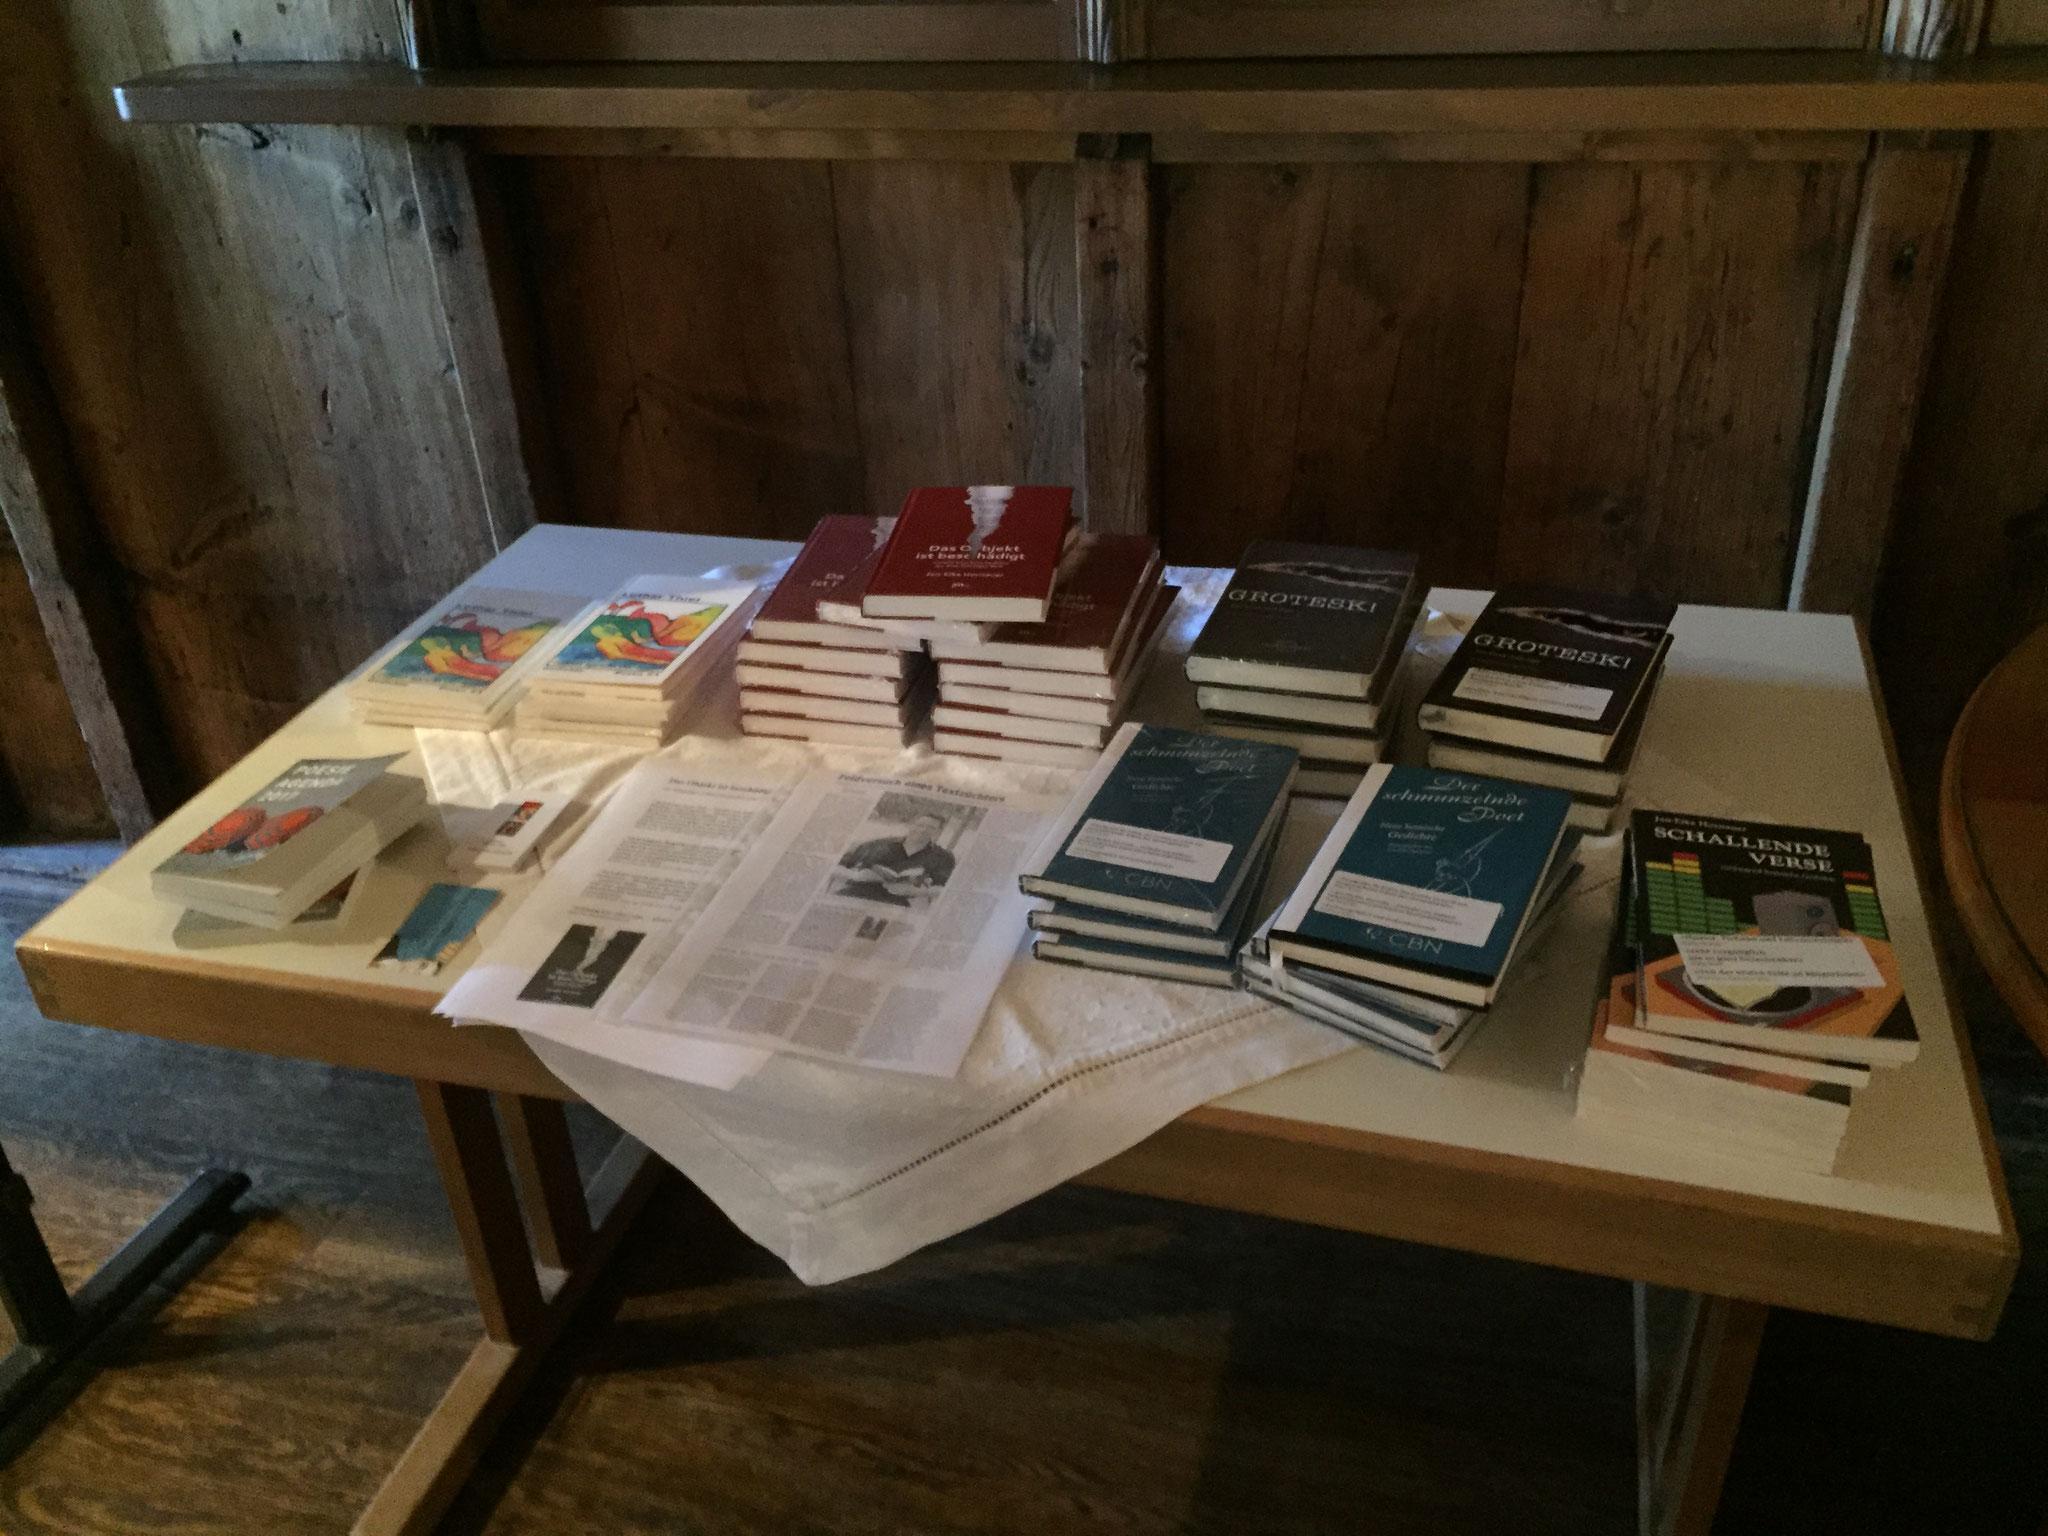 Eine kleine Auswahl der bereits publizierten Bücher der REALTRAUM-Literaten Jan-Eike Hornauer, Lothar Thiel und Karsten Beuchert